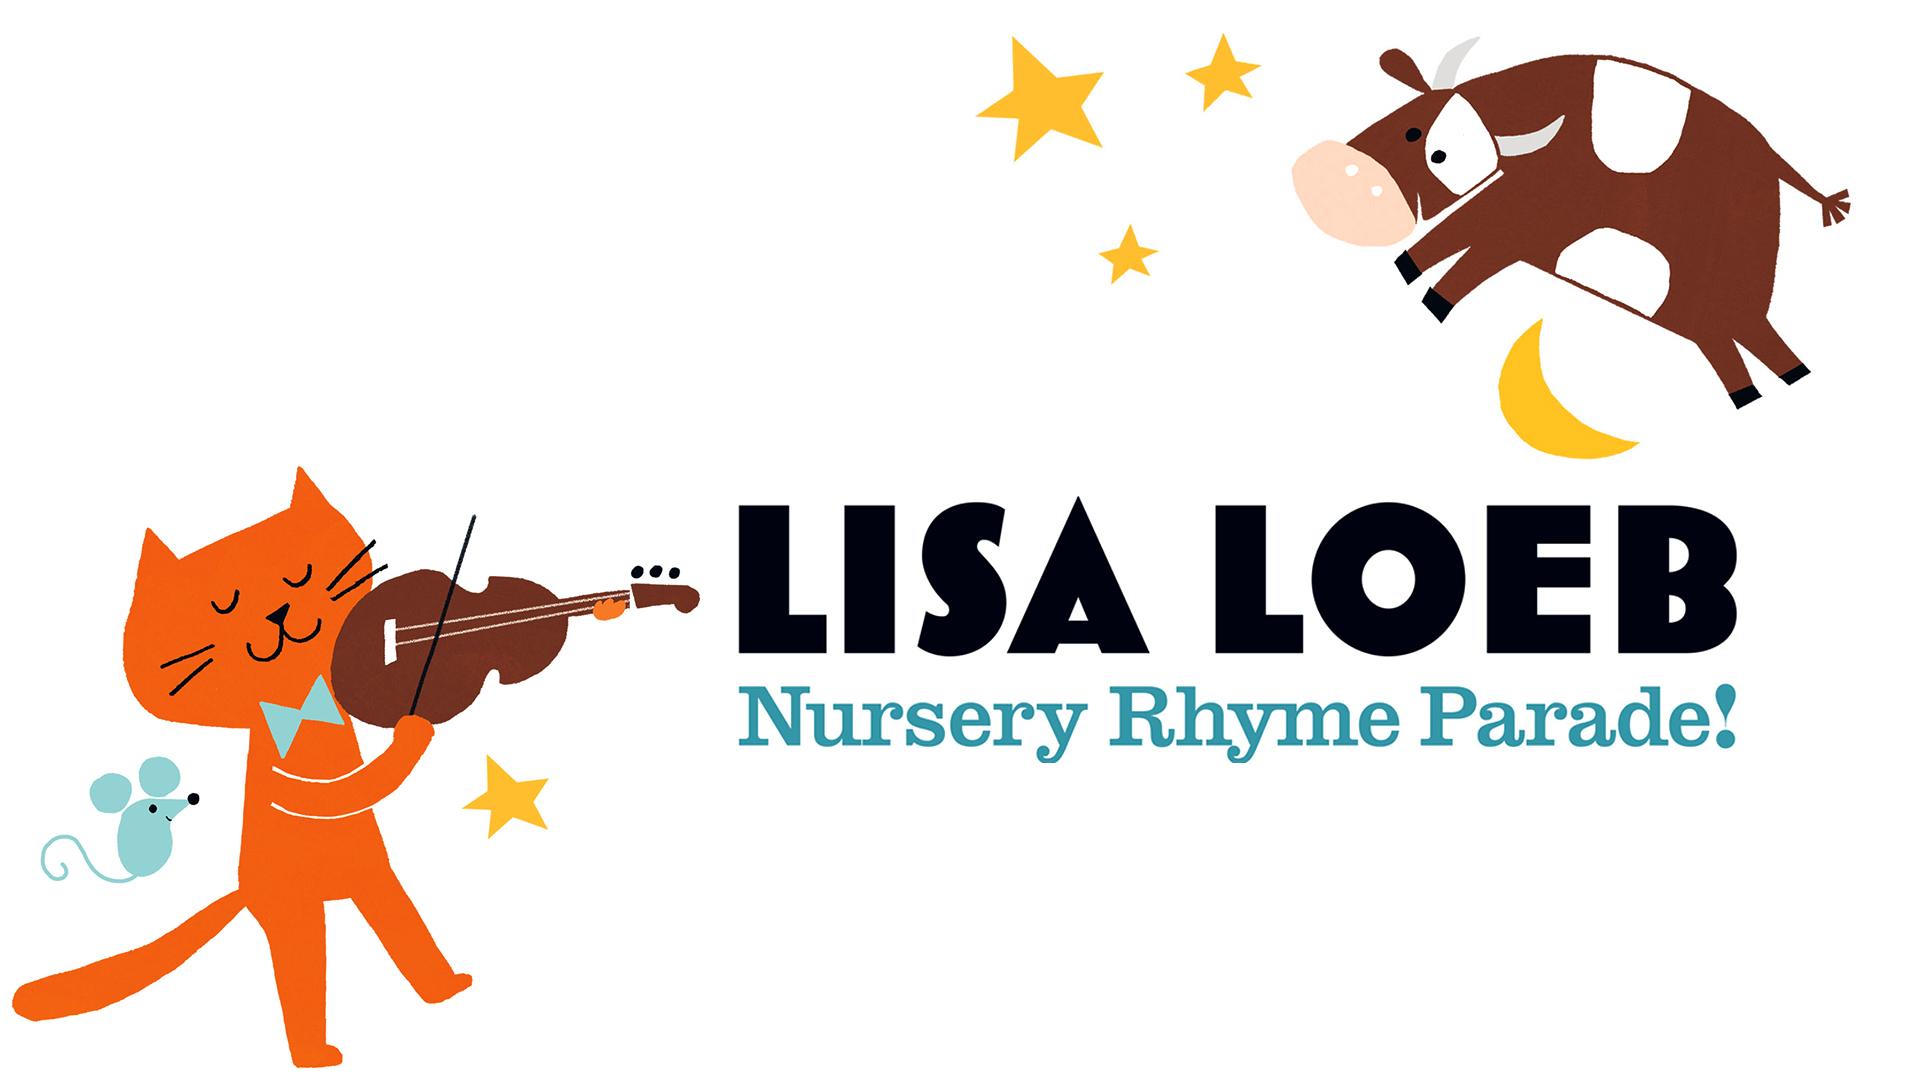 Lisa Loeb, Nursery Rhyme Parade!